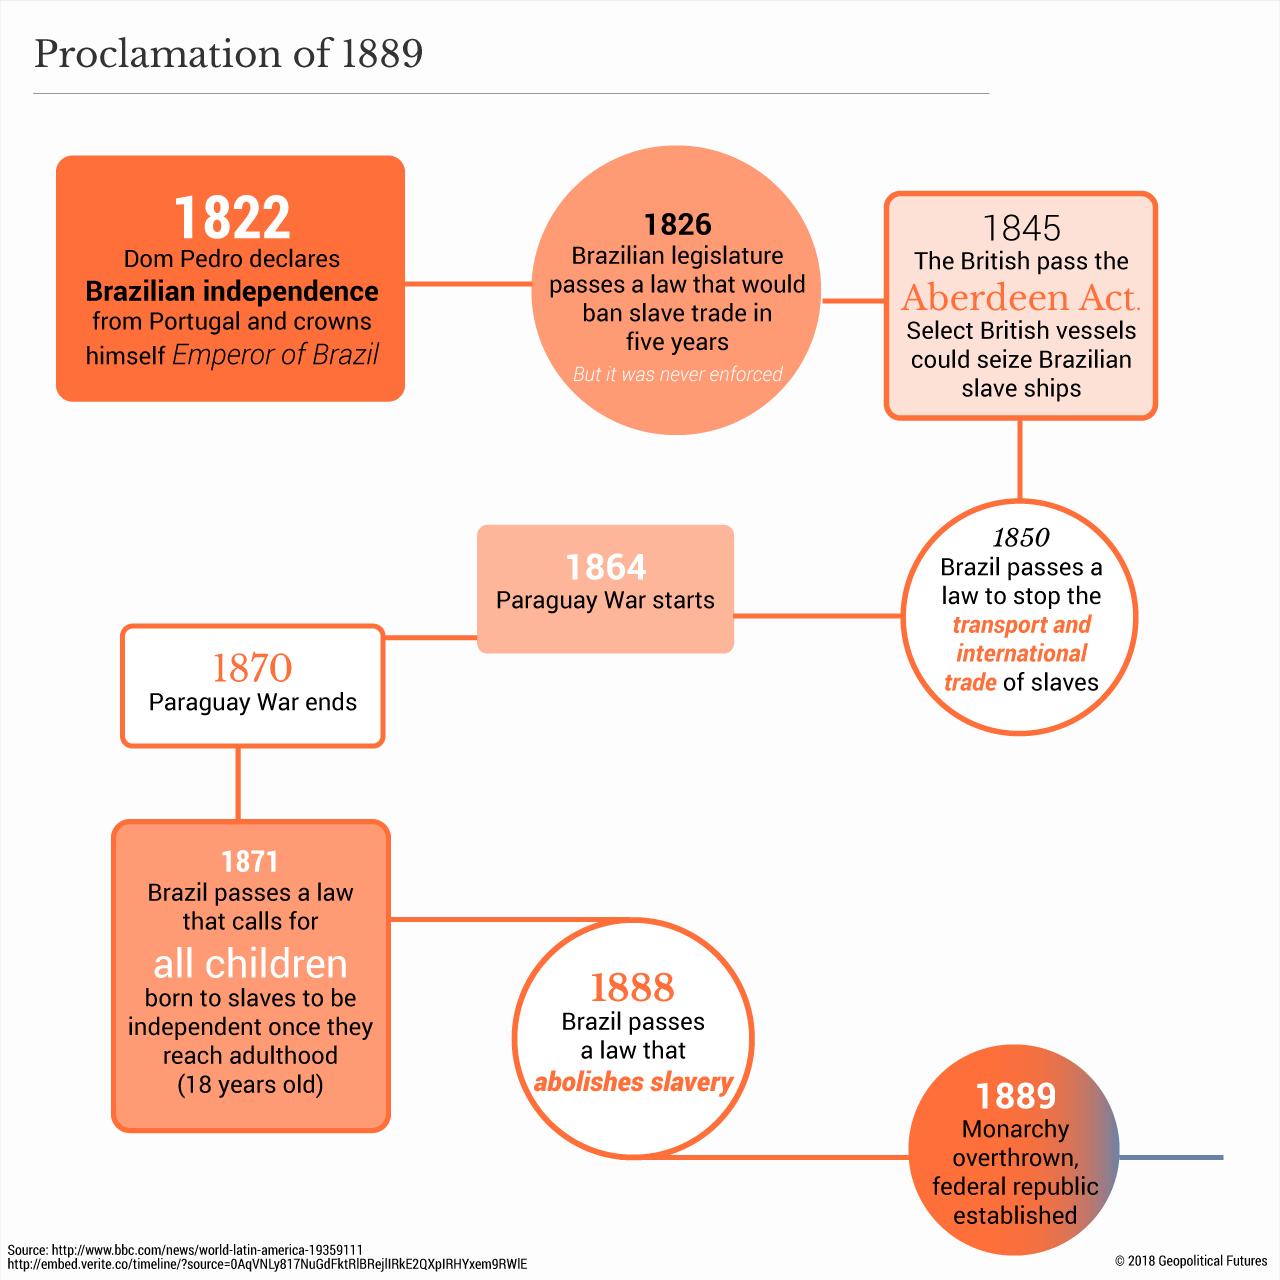 Brazil_timeline_1889_proclamation